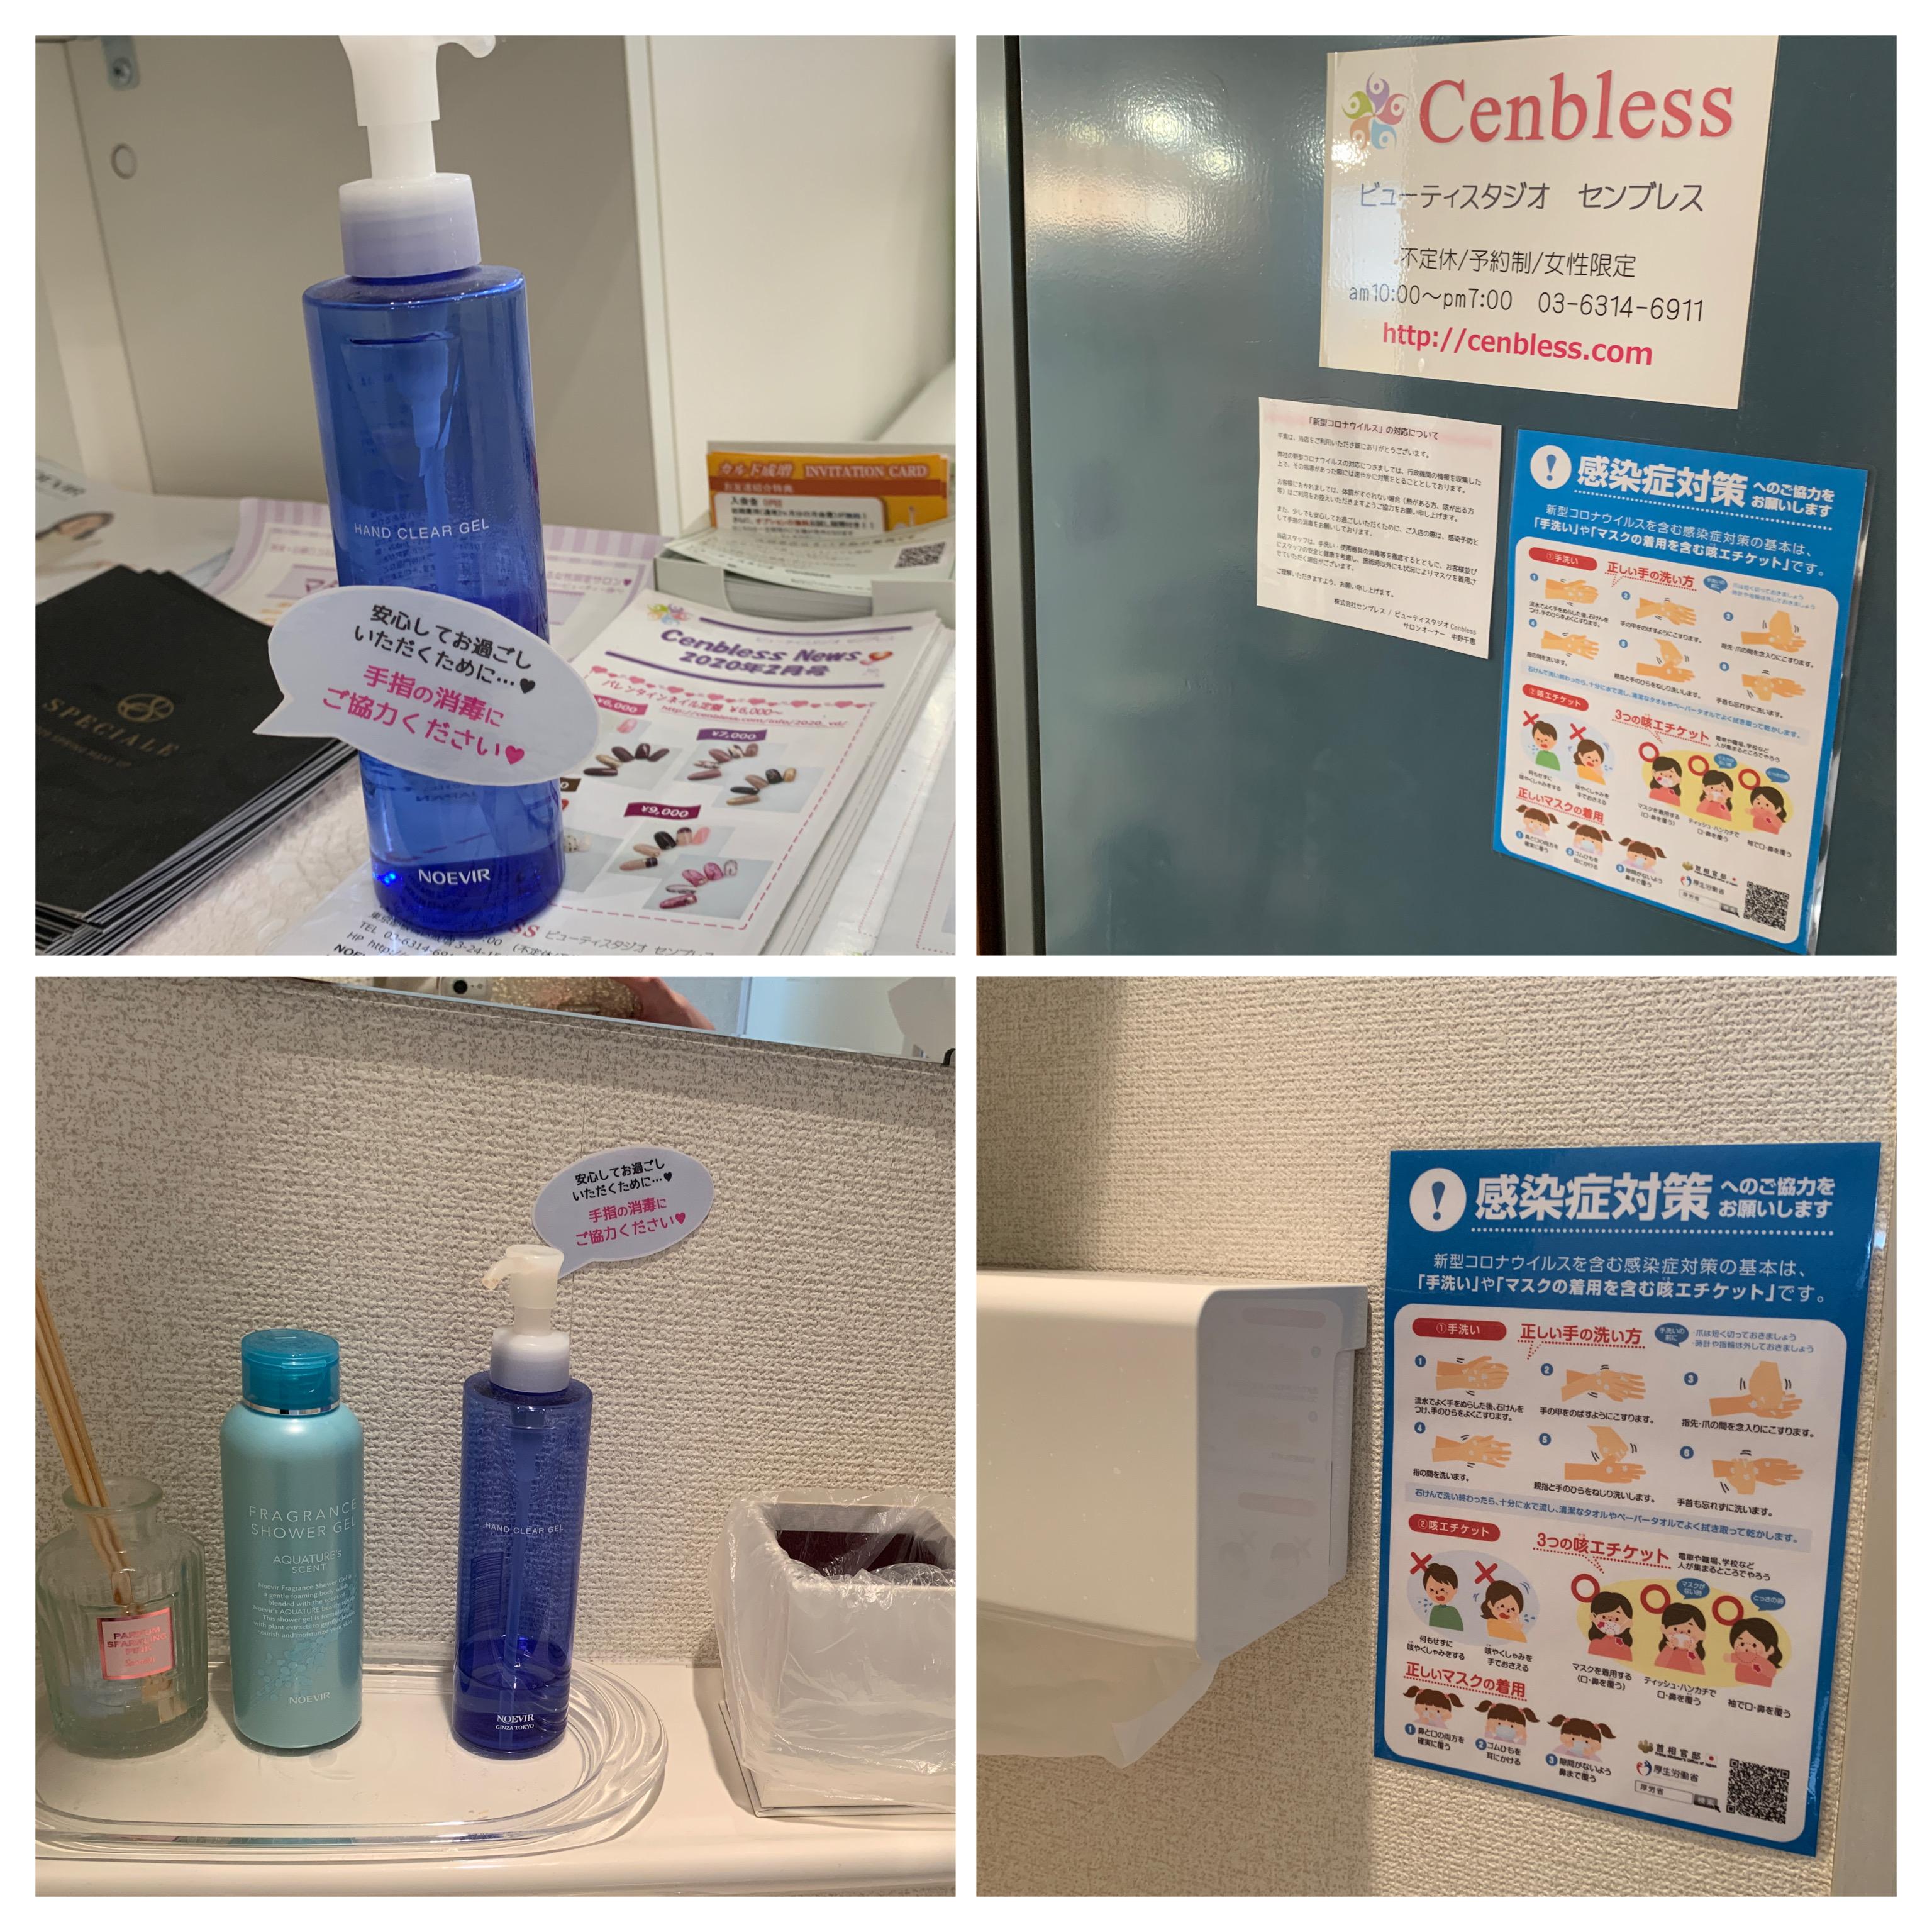 Cenbless 成増フェイシャル&ネイルサロン 「新型コロナウイルス感染症」への対応について